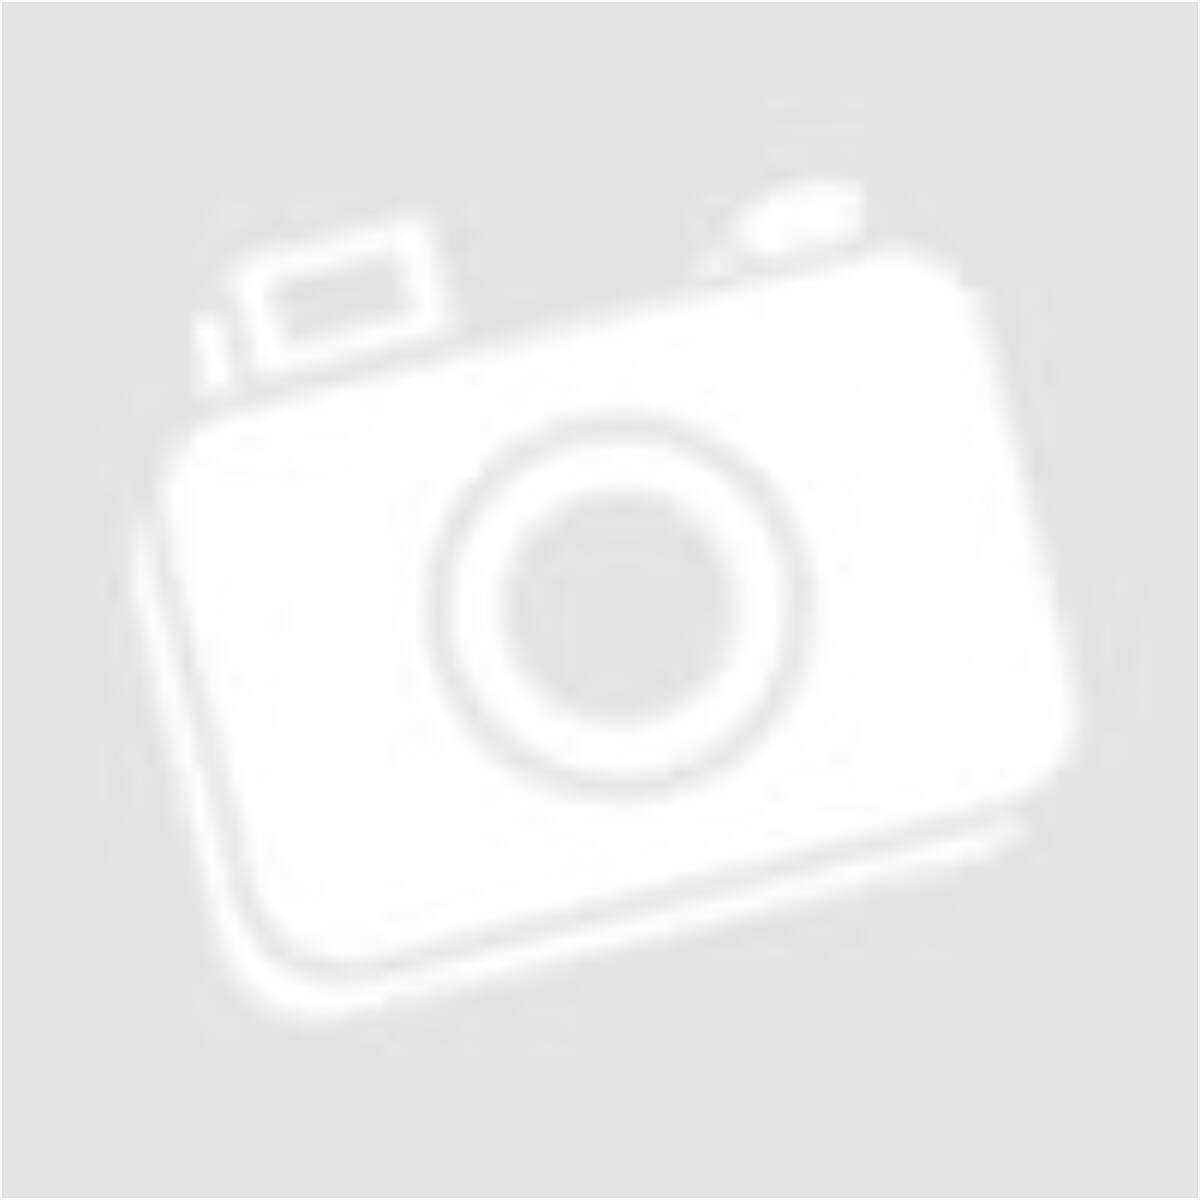 Calzedonia fürdőruha XS (70-es) - Fürdőruhák 22d67d0666